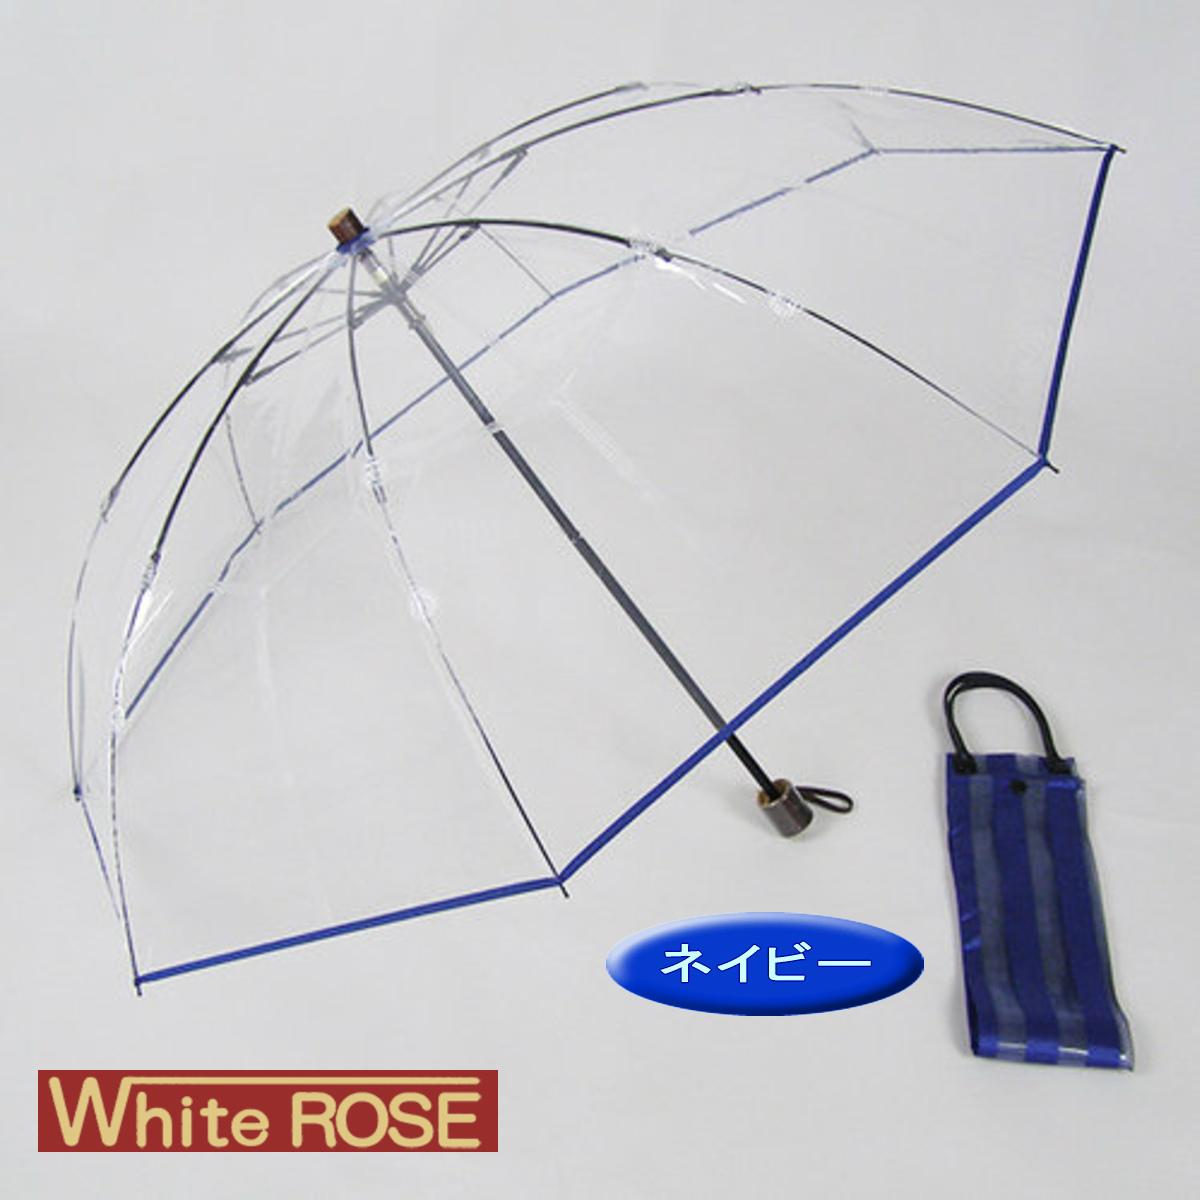 ホワイトローズ 折りたたみビニール傘 アメマチ58 天然木手元 逆支弁 8本骨 ネイビー 2WAY傘袋 日本製